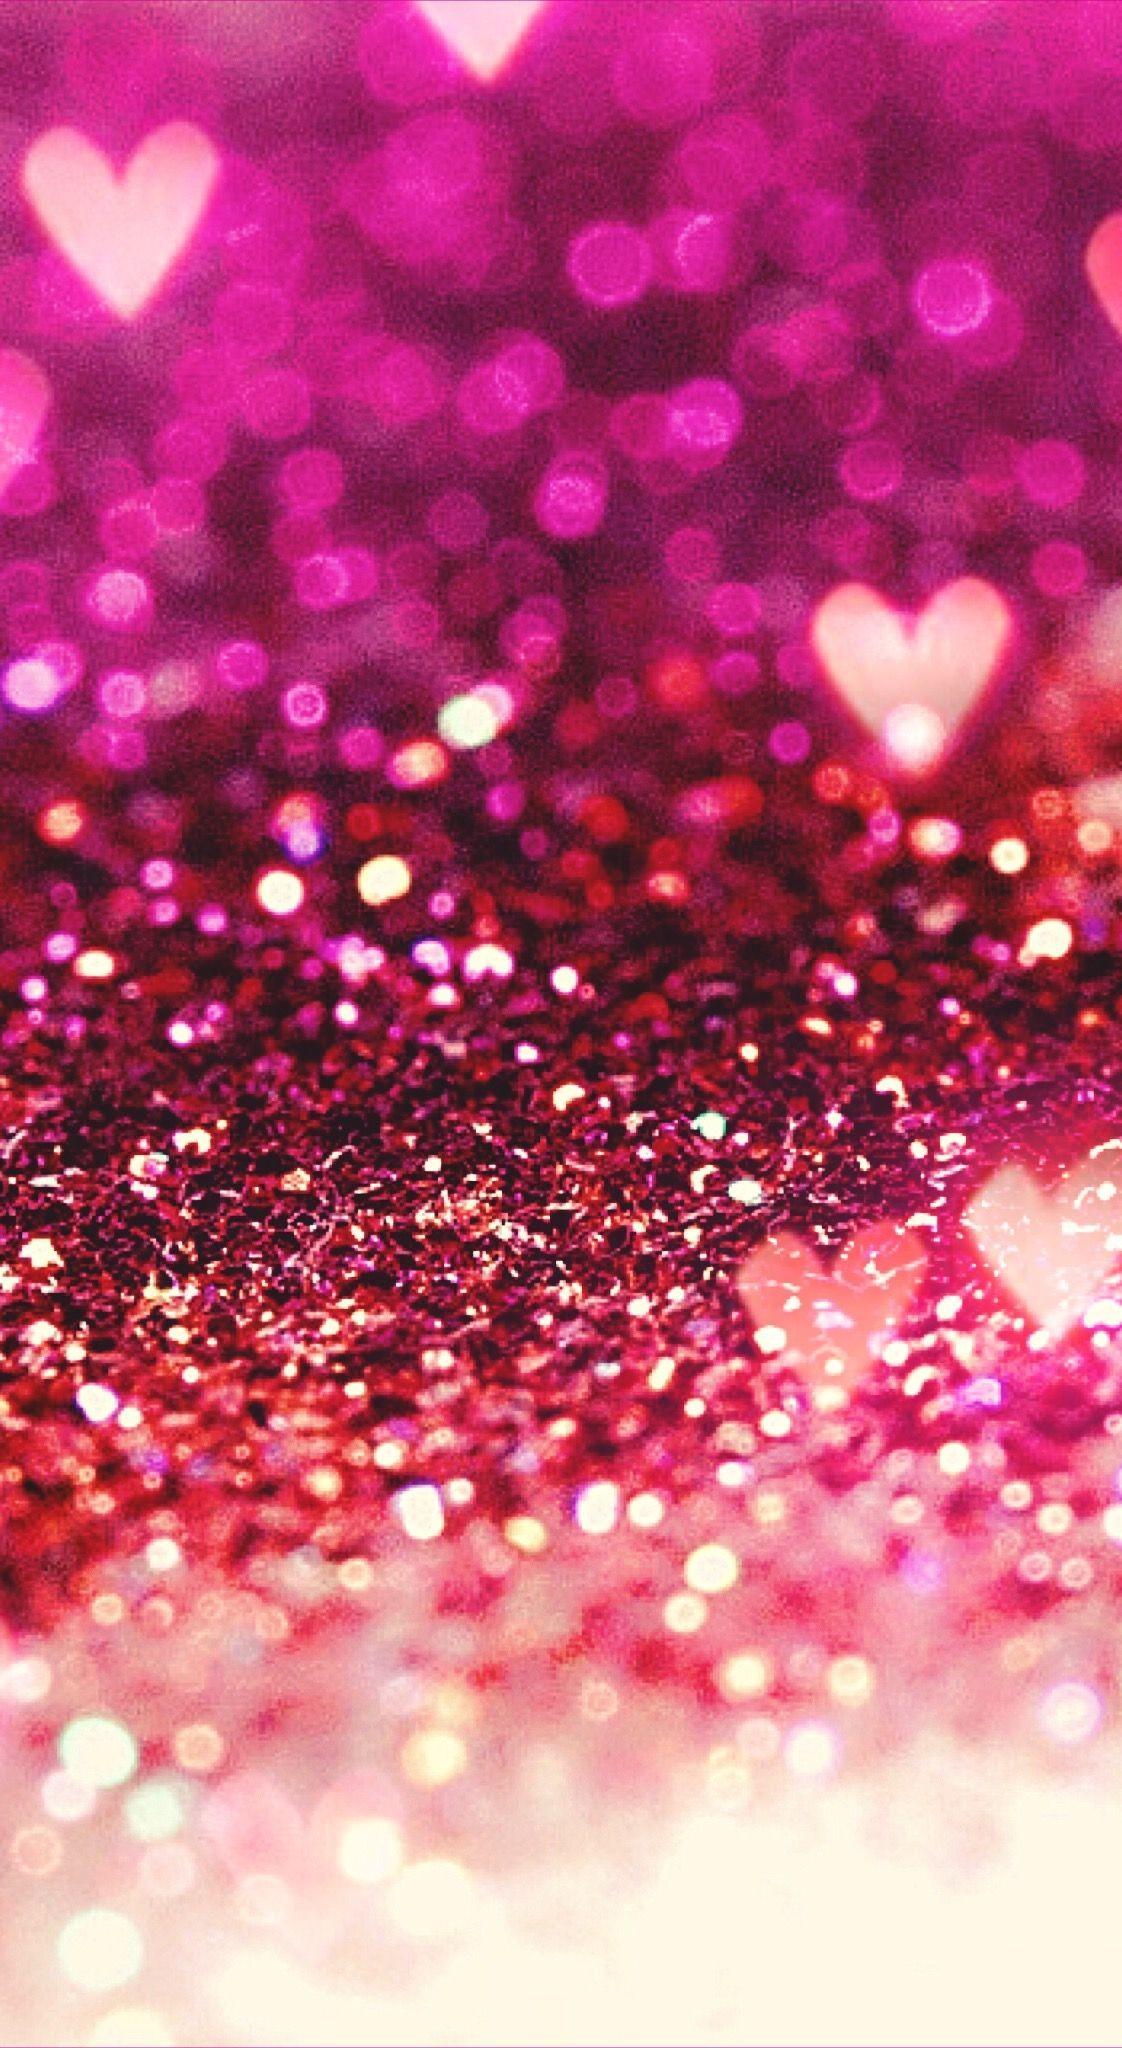 Light Pink Glitter Wallpapers - Wallpaper Cave